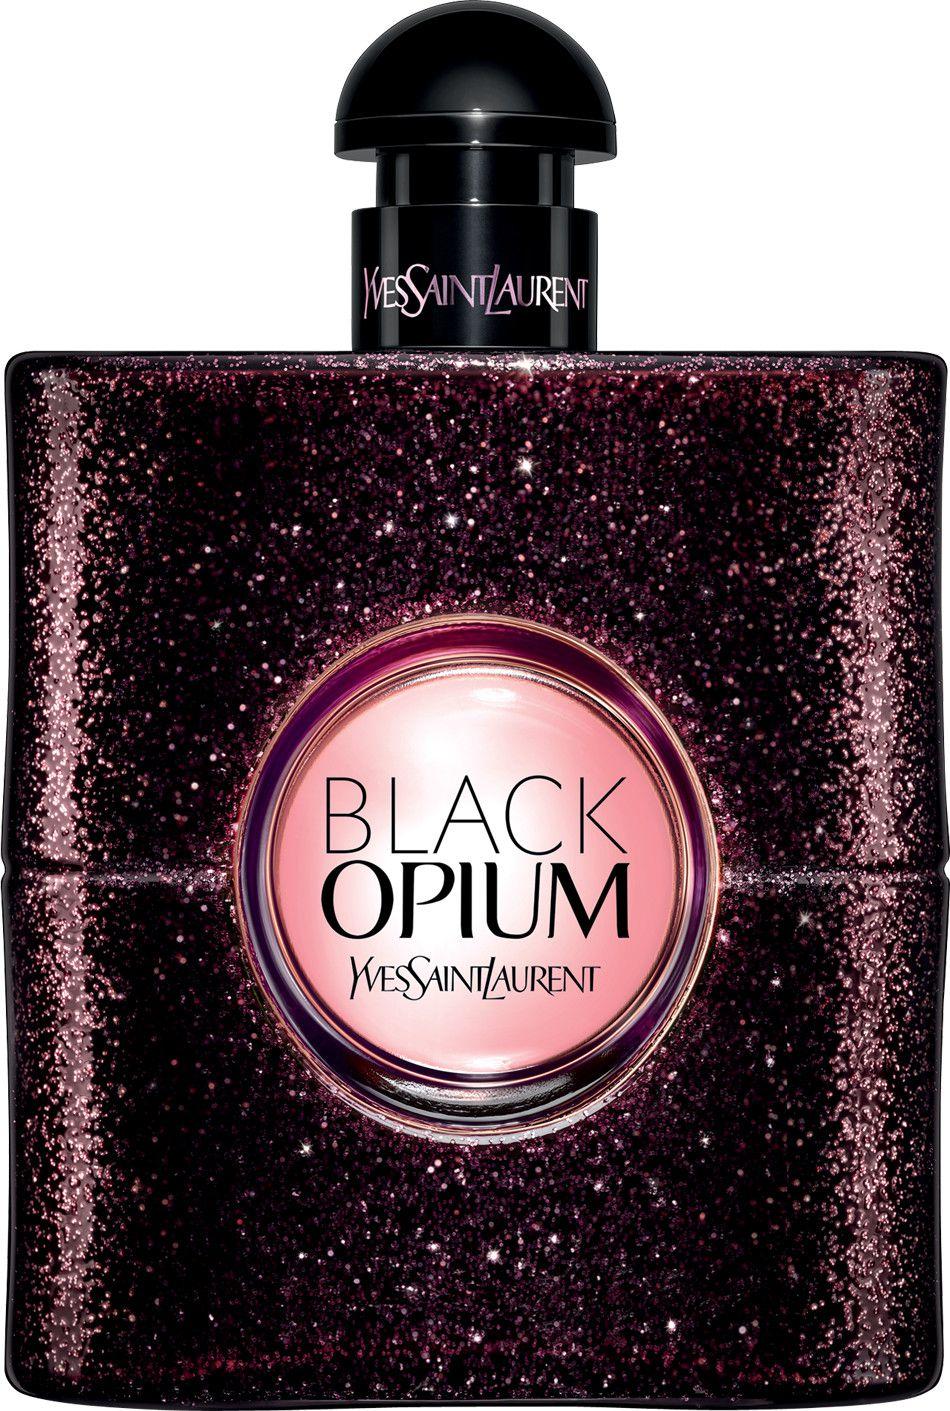 e0b4b096a15 Yves Saint Laurent Black Opium EDP 100ml: Buy Online at Best Prices ...